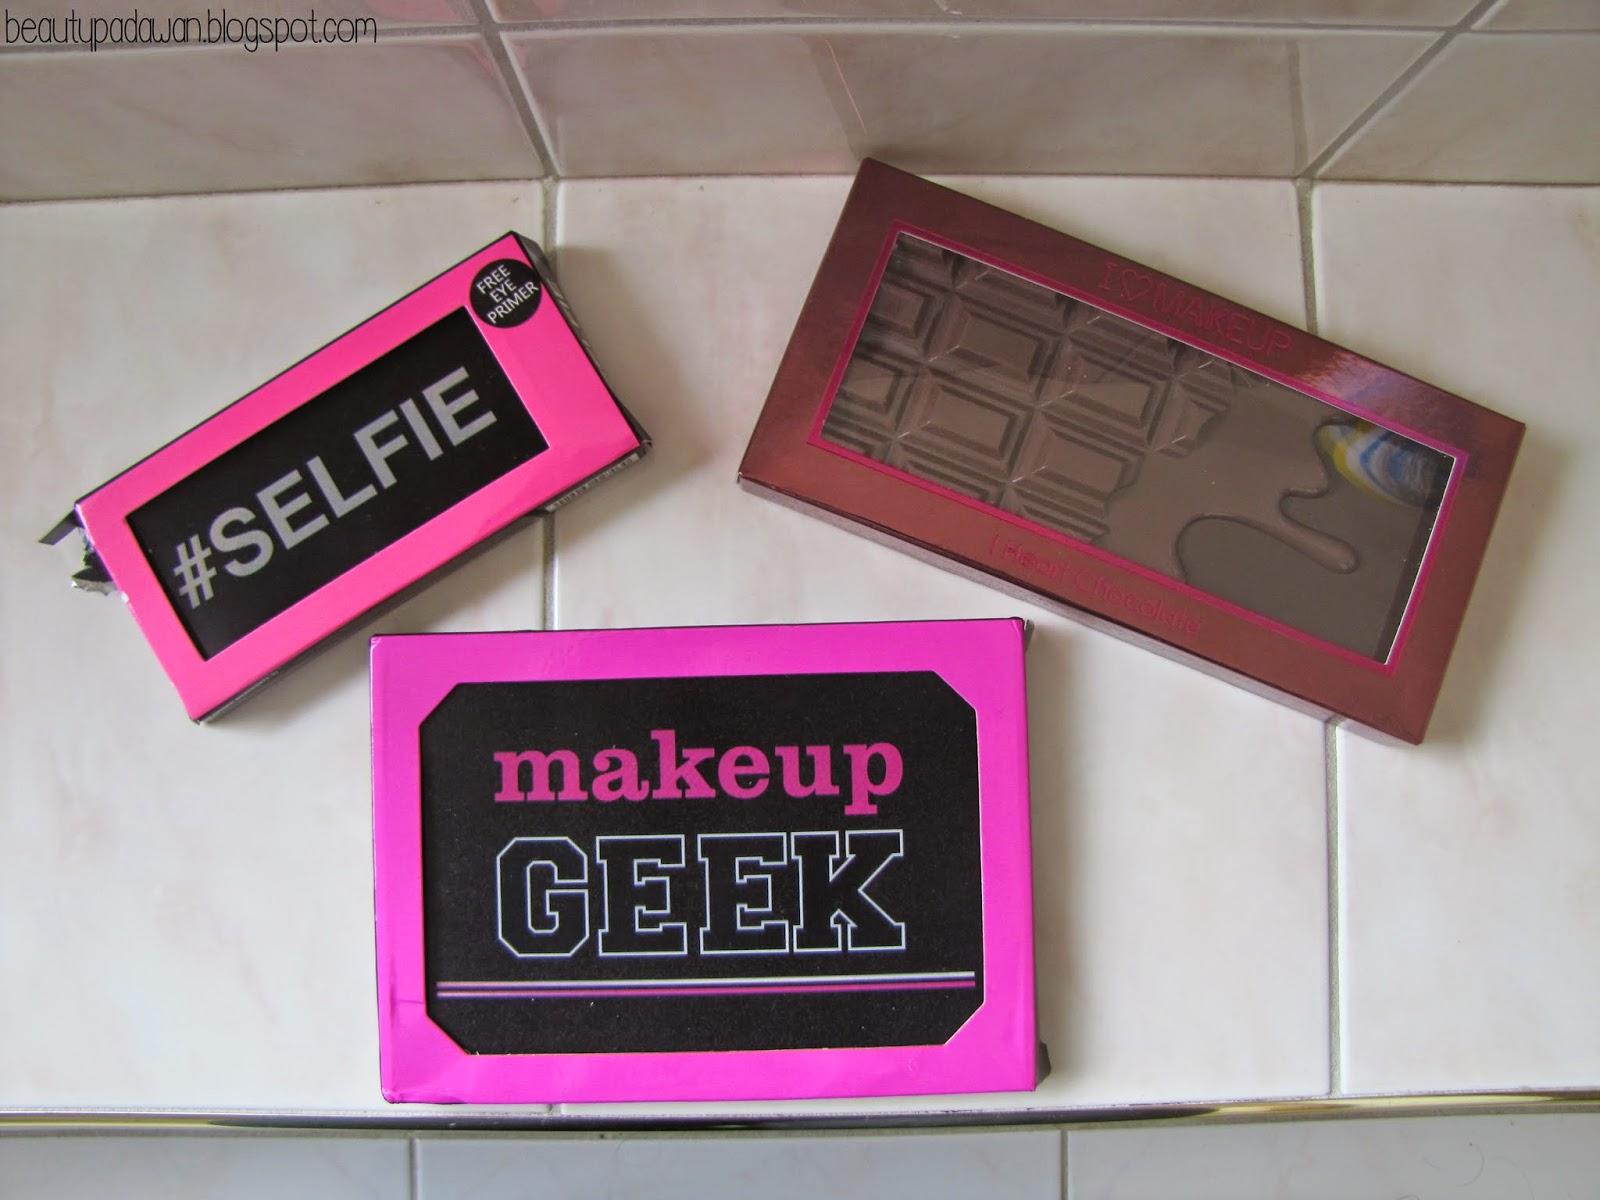 I Heart Makeup #Selfie Palette; I Heart Makeup I Heart Chocolate Palette; I Heart Makeup Makeup Geek Palette